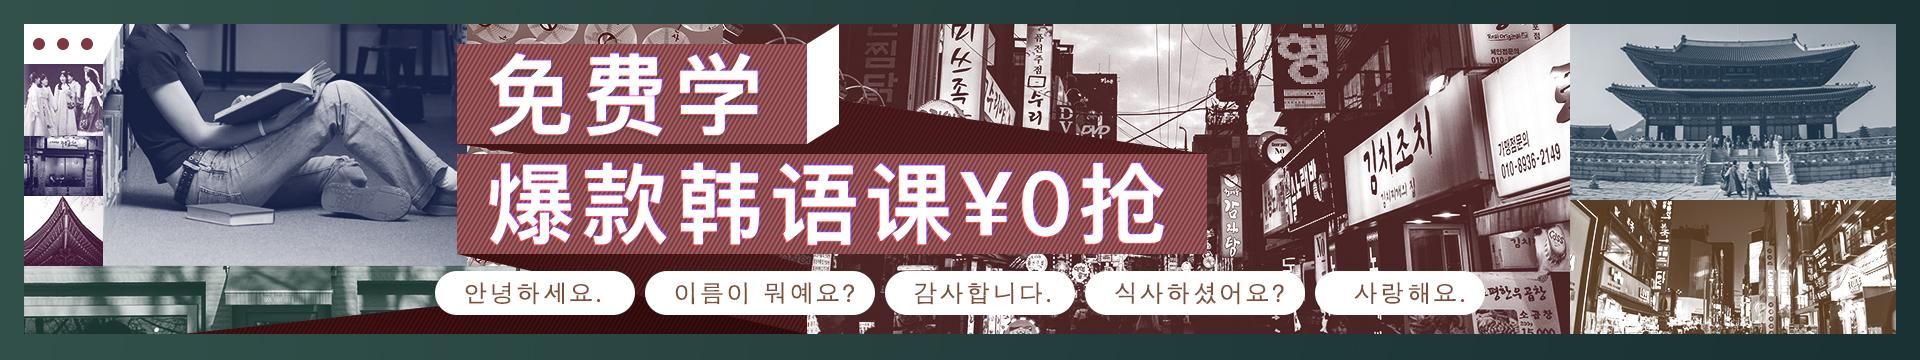 0元學韓語好課免費領